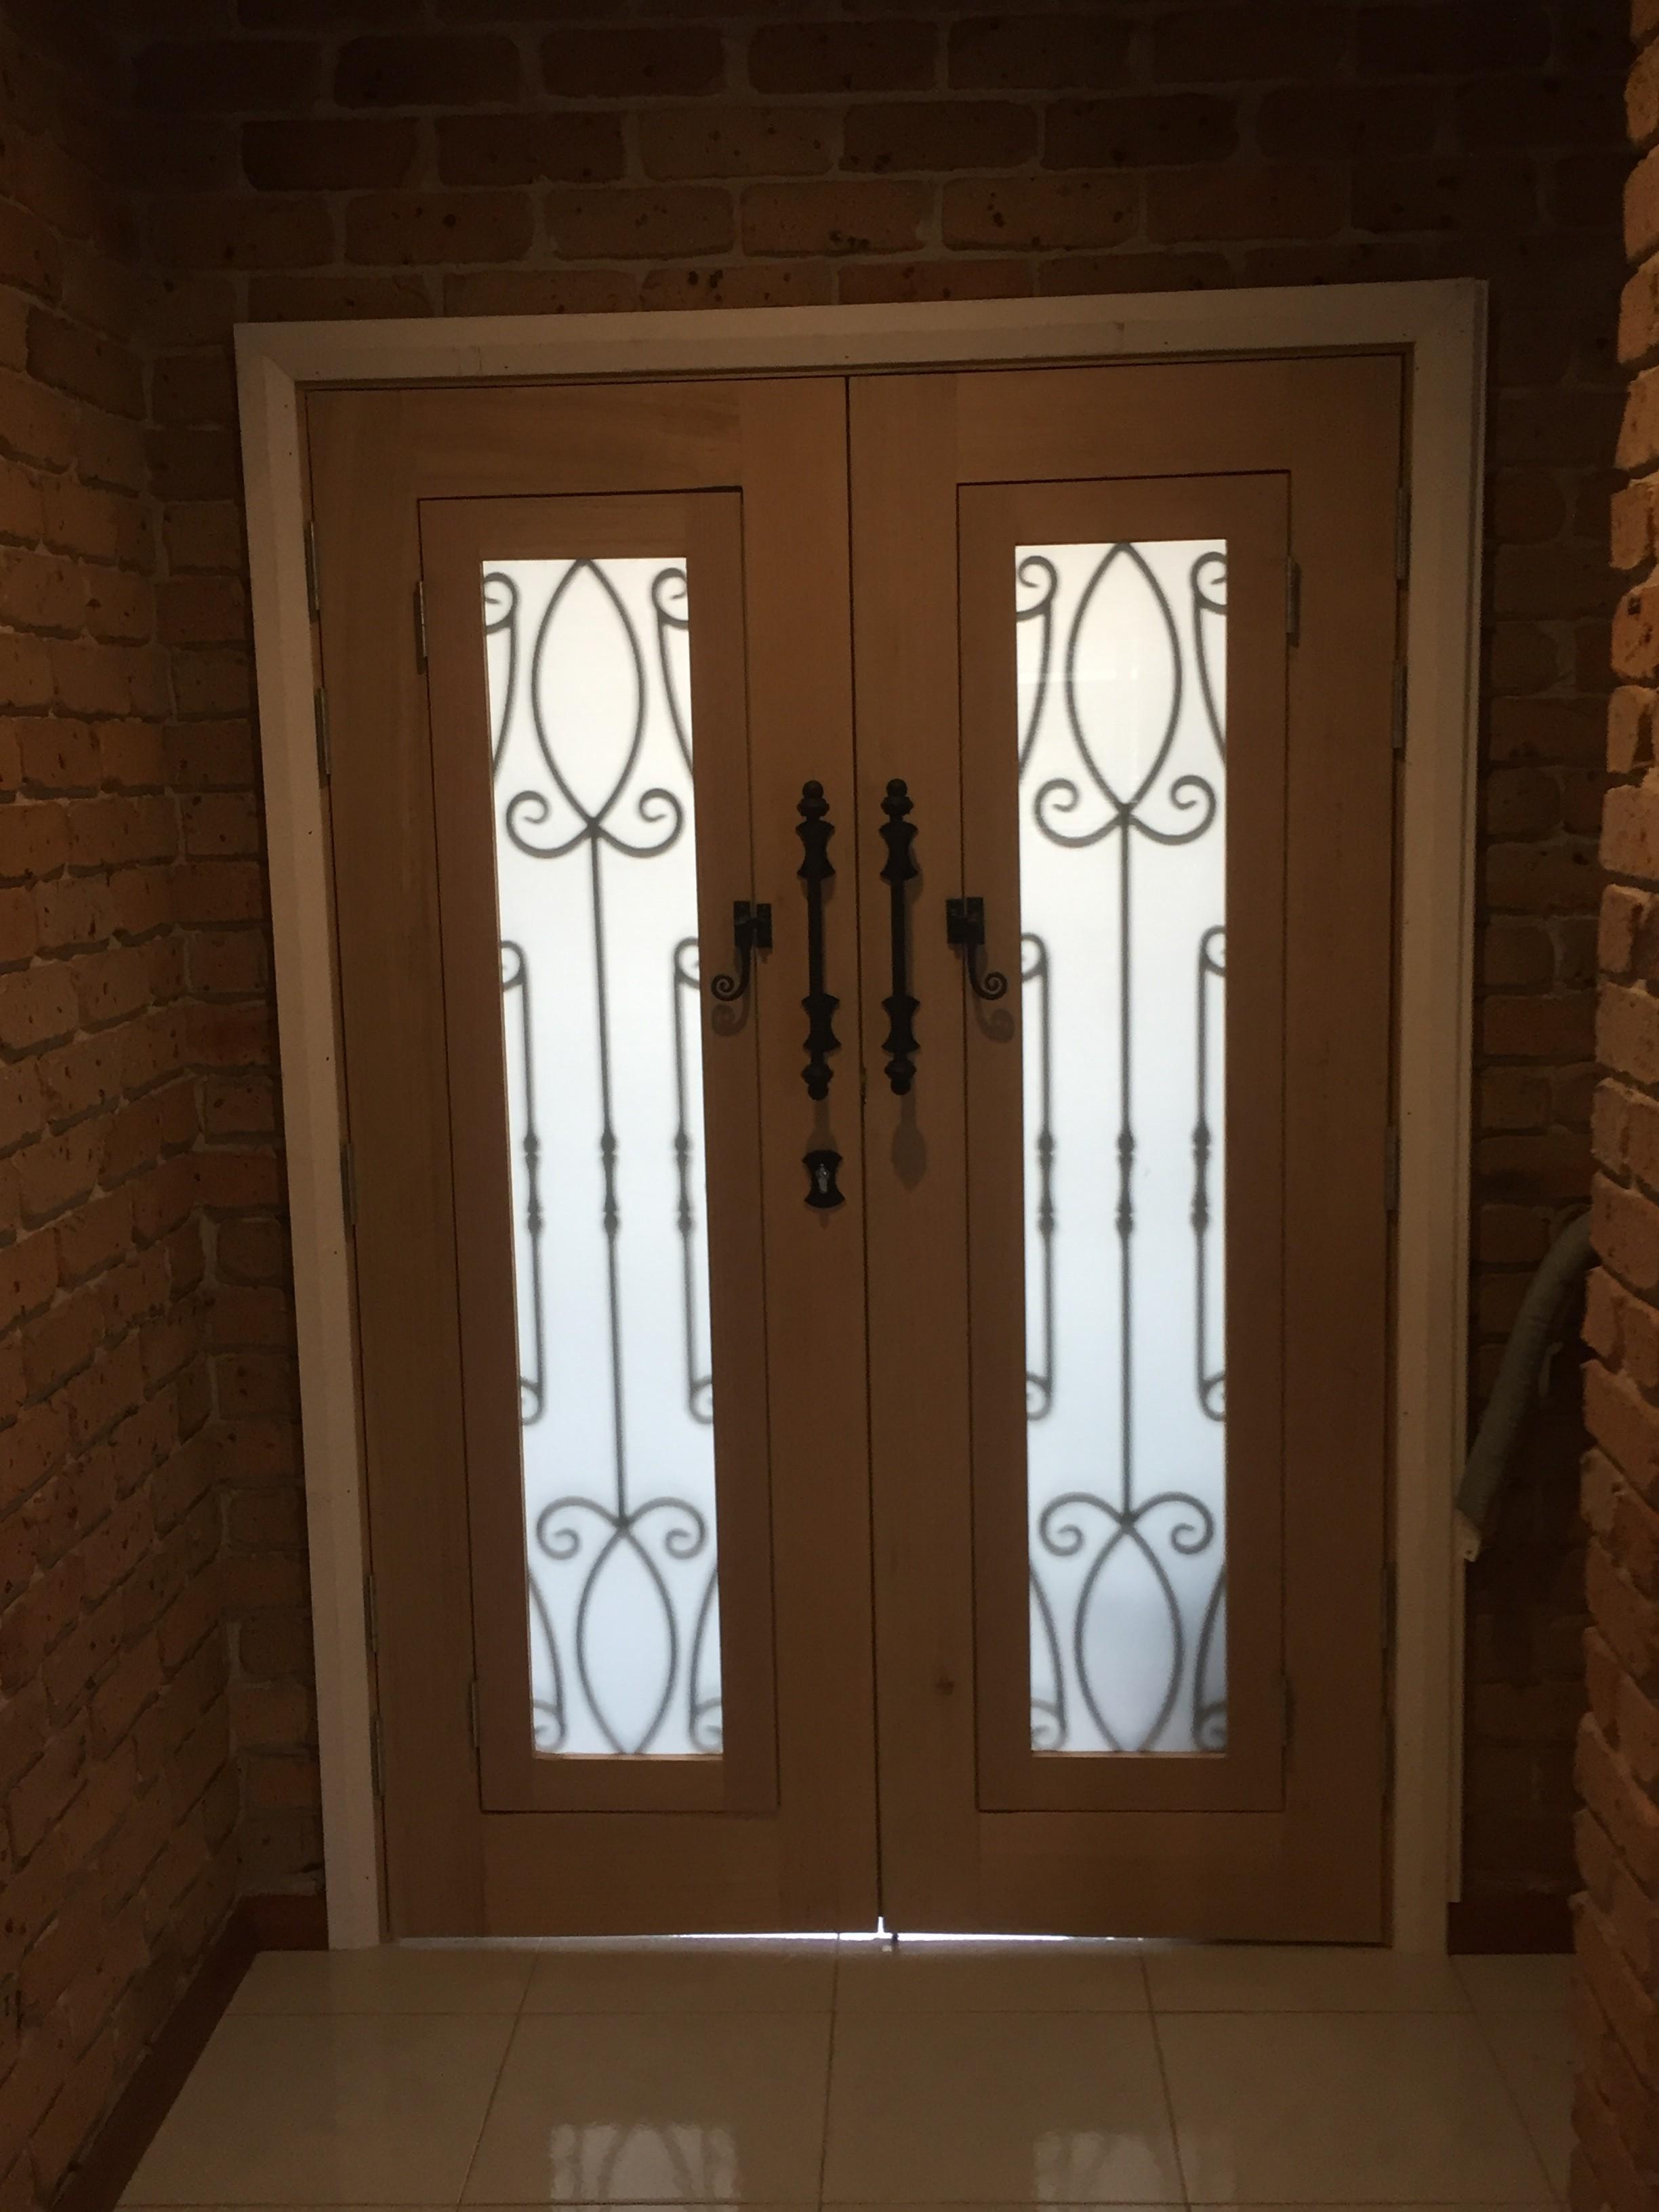 1h - Wrought Iron Doors